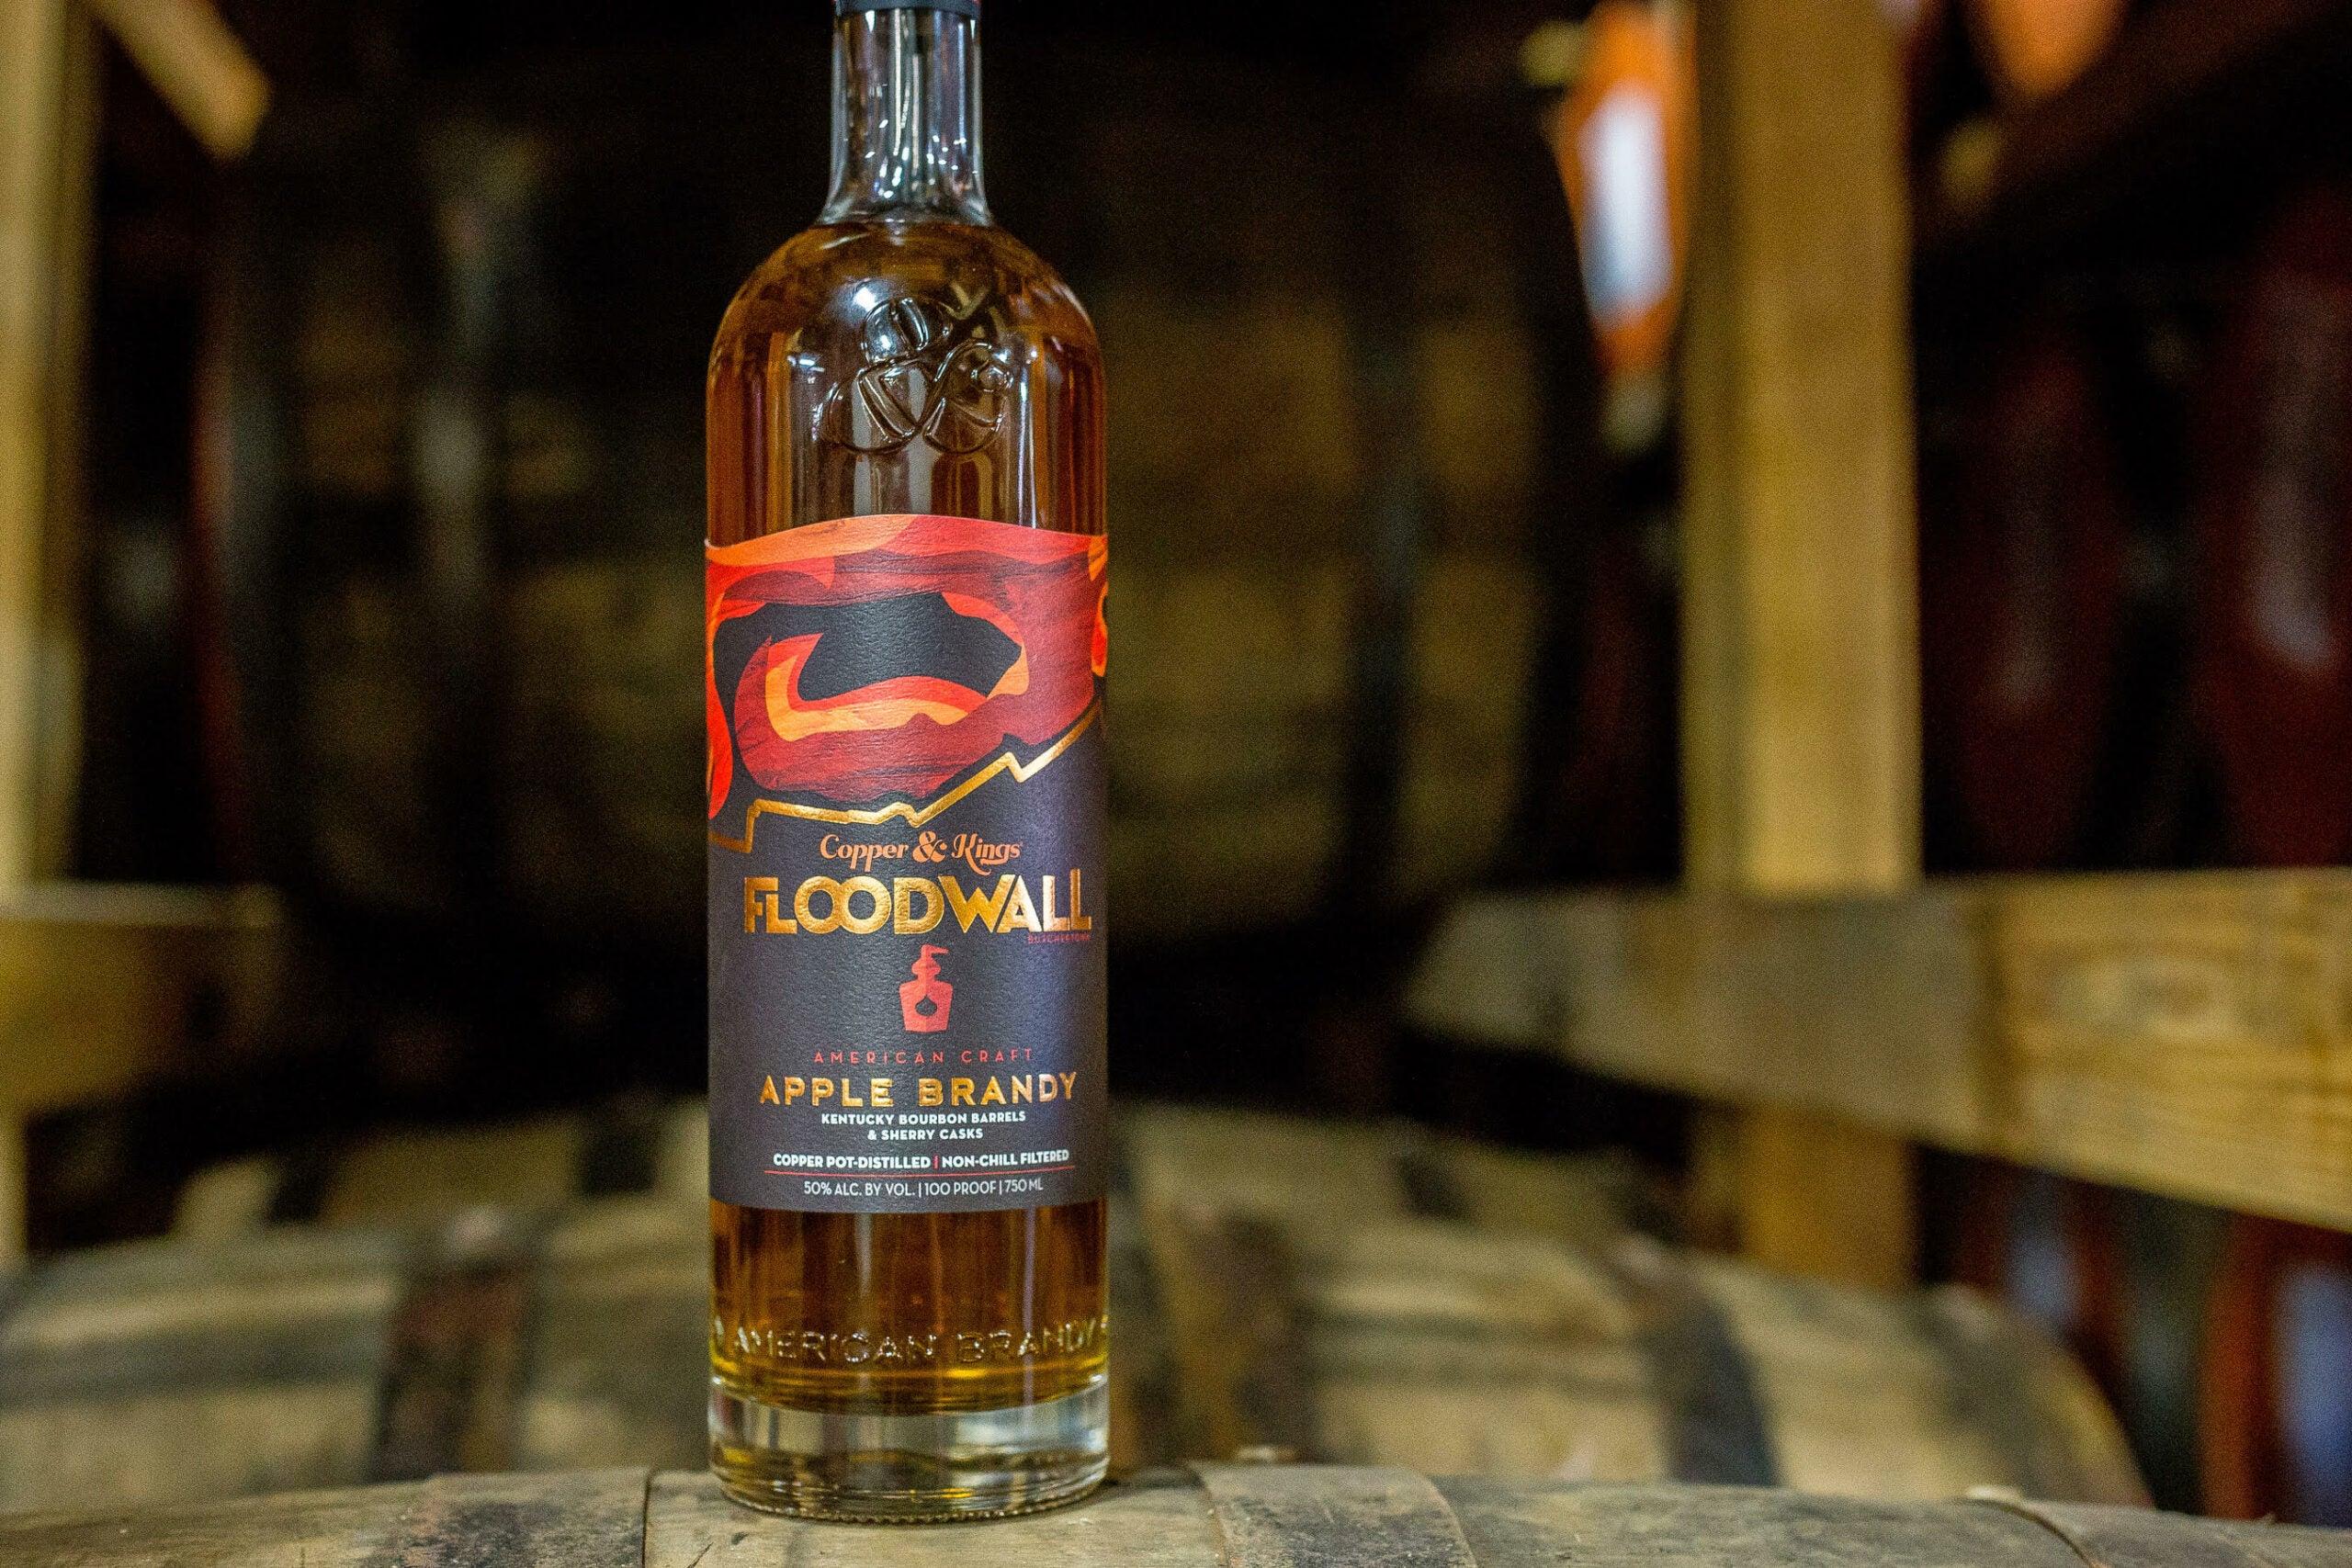 Copper & Kings Floodwall Apple Brandy